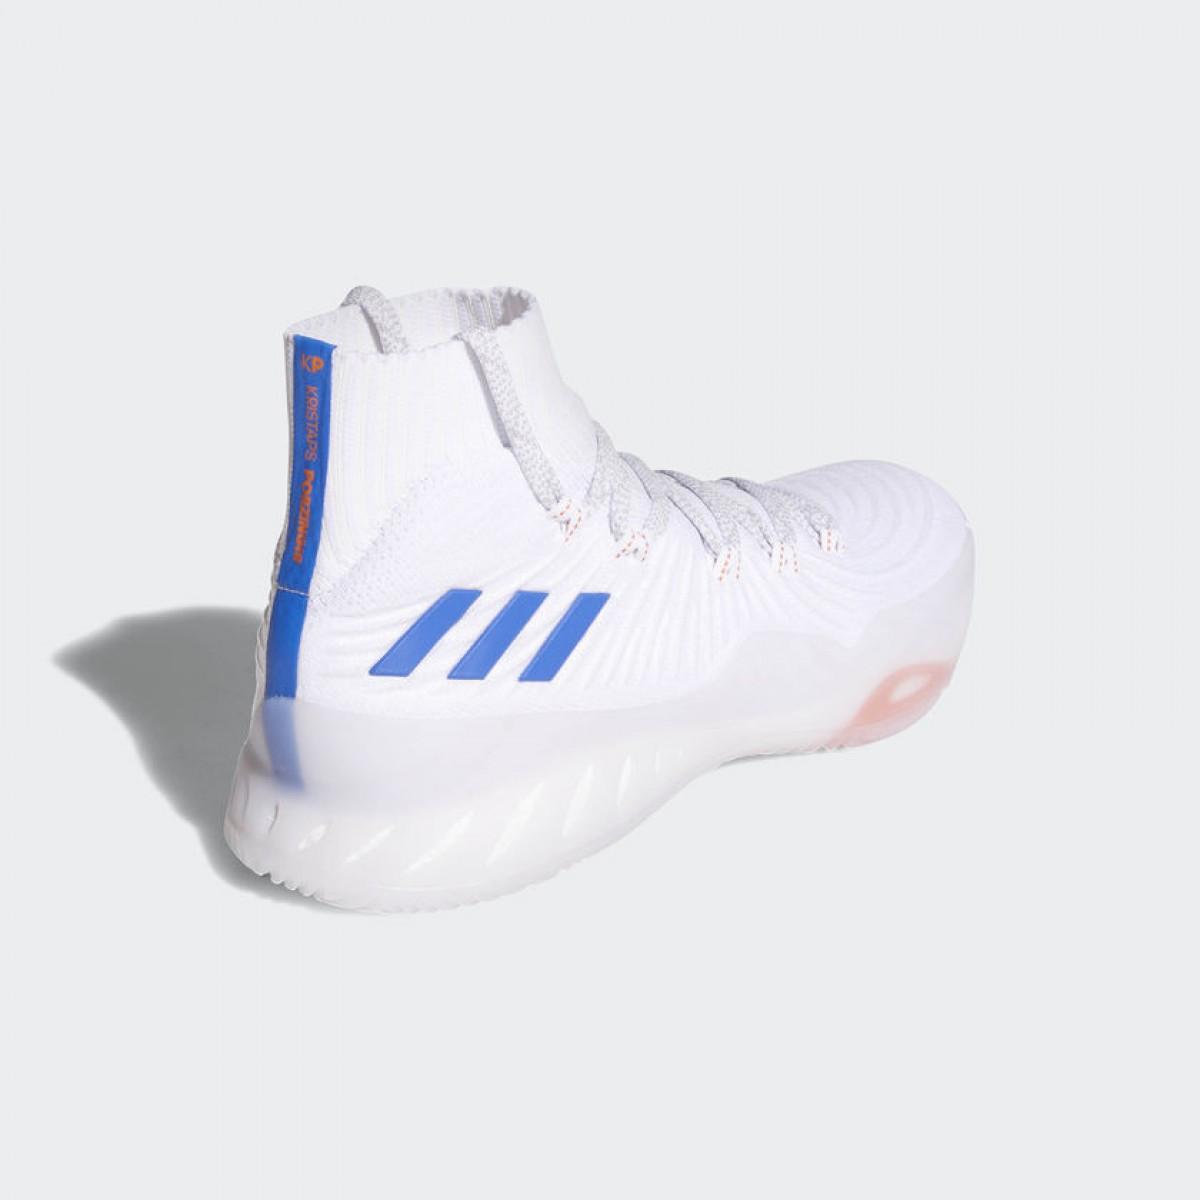 Adidas Crazy Explosive 2017 PK 'Porzingins' CQ0611